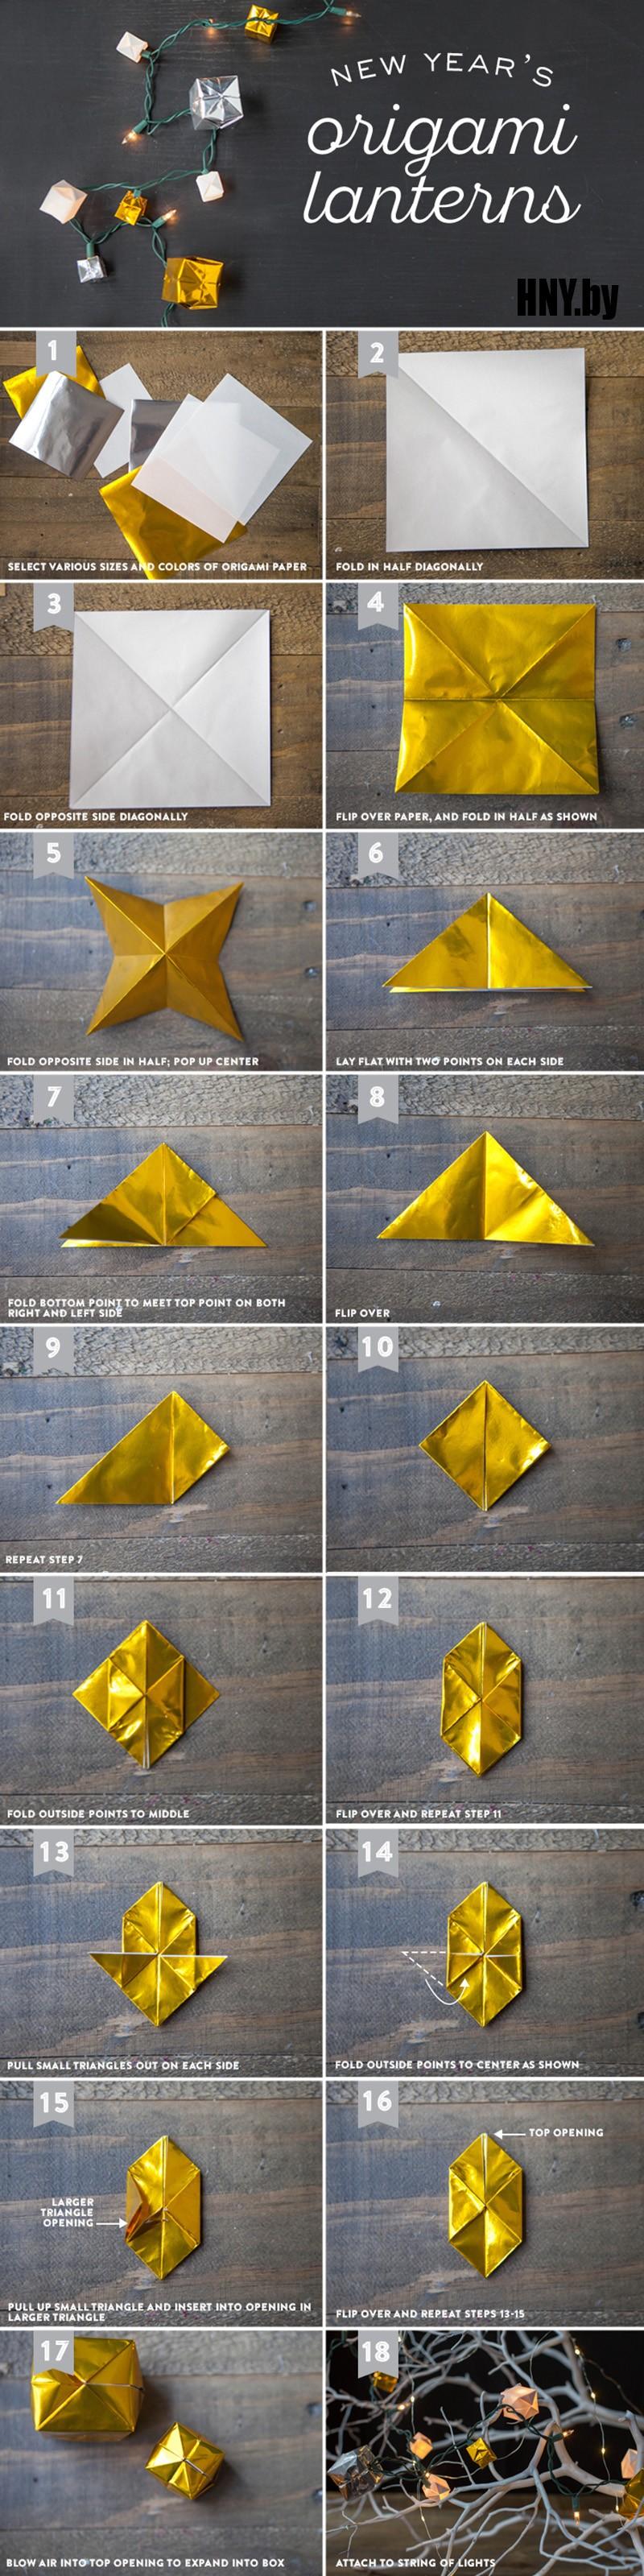 Новогодняя оригами гирлянда на елку. Декорируем светодиодную гирлянду